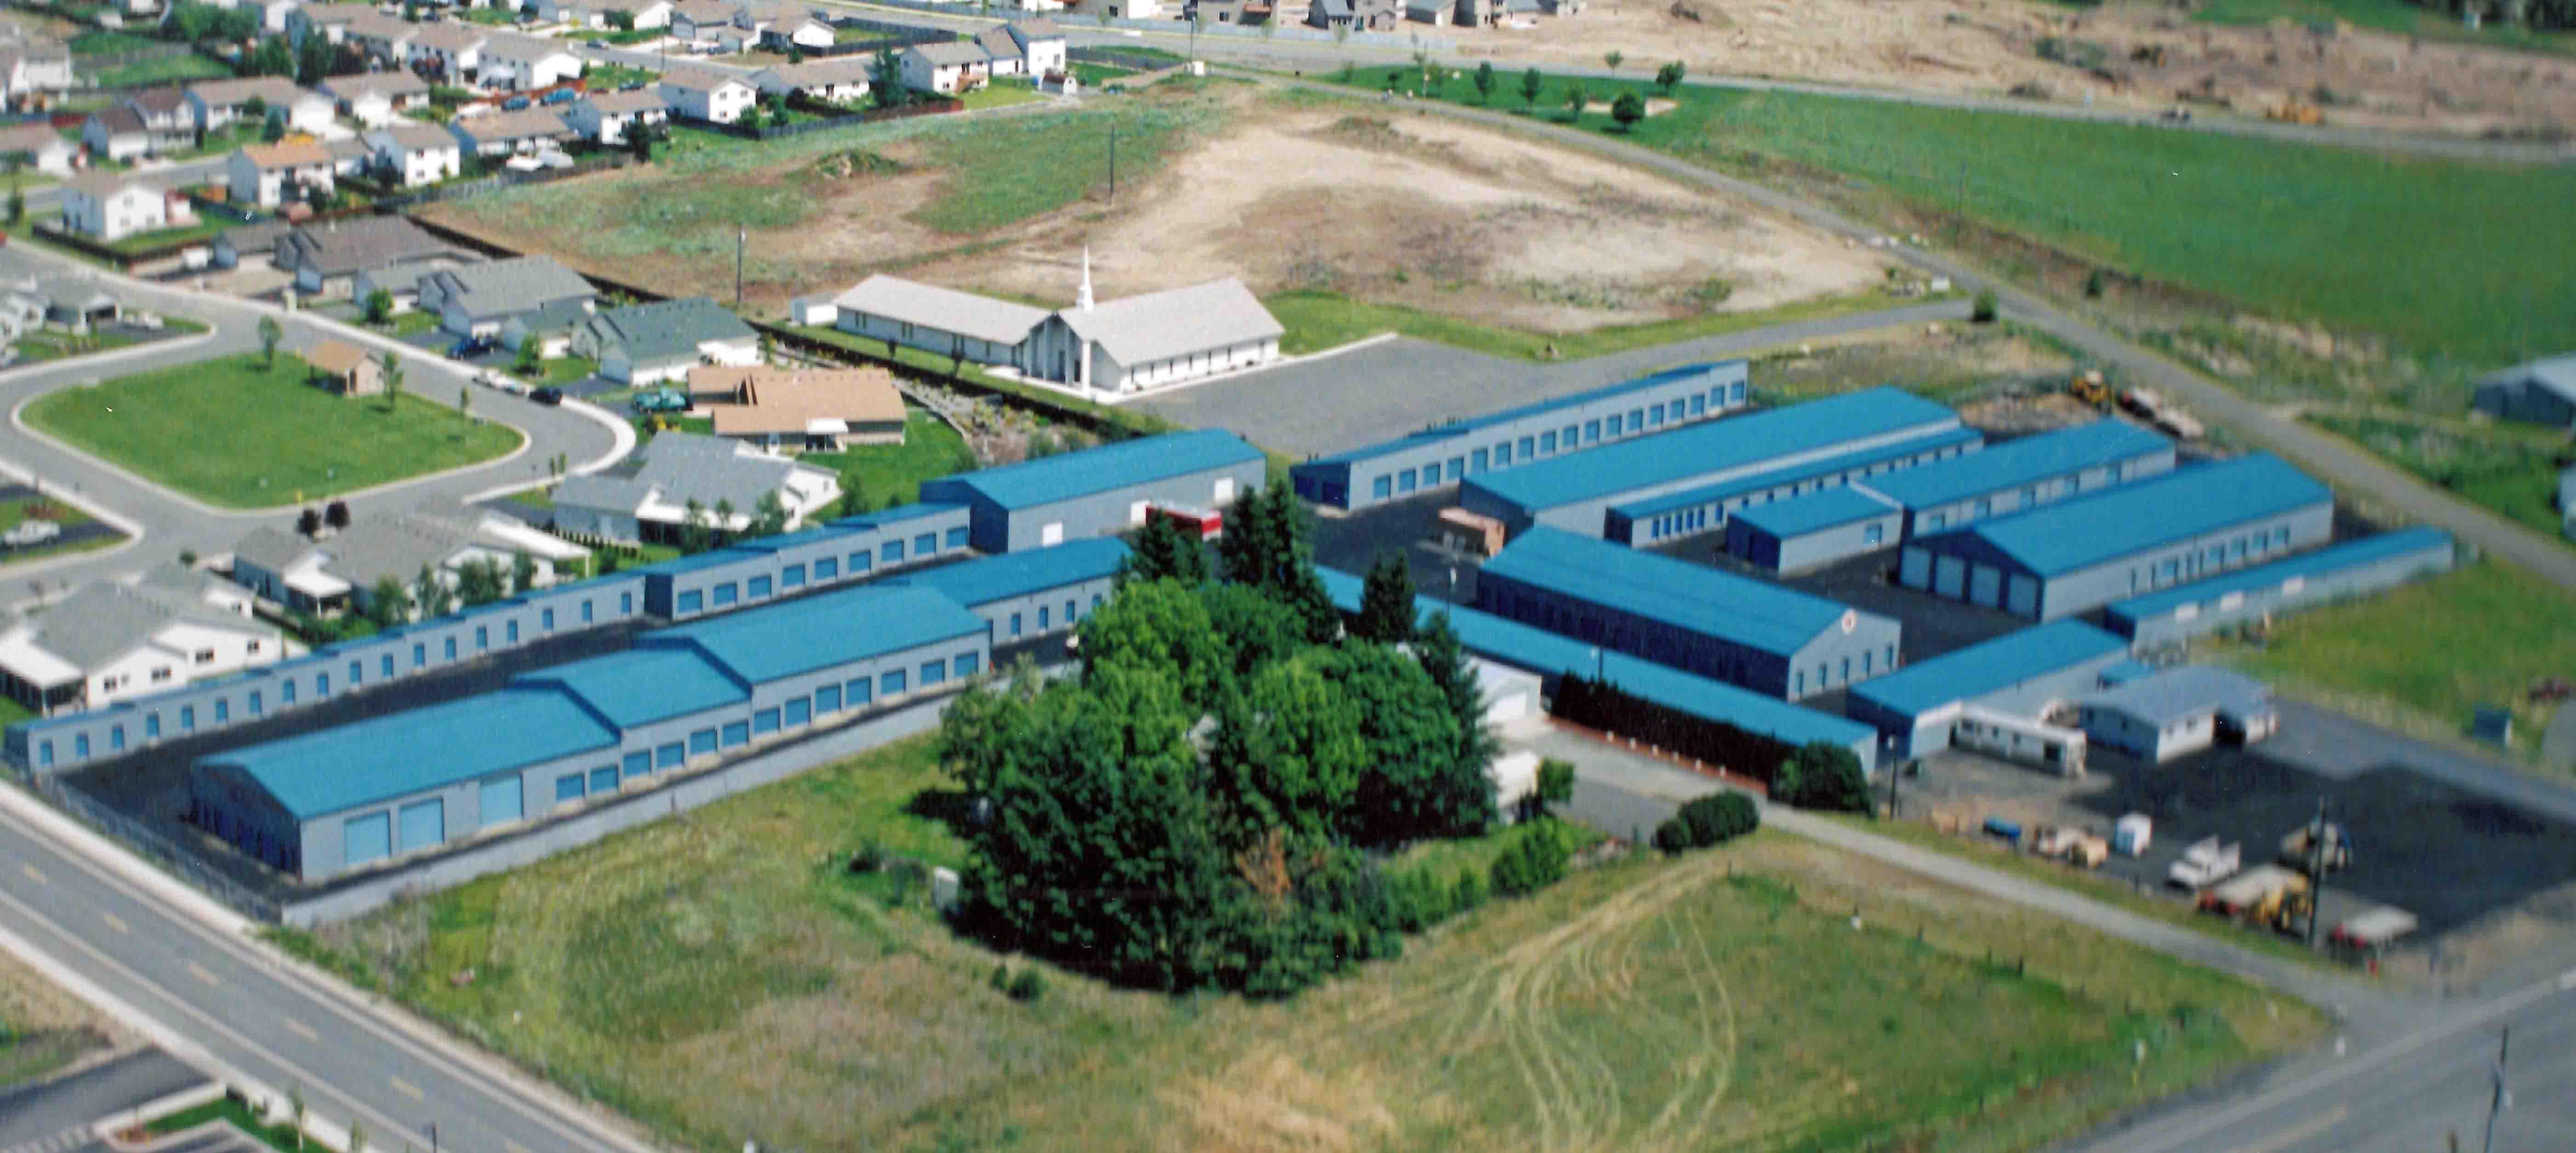 aerial view of Monark Mini Warehouse